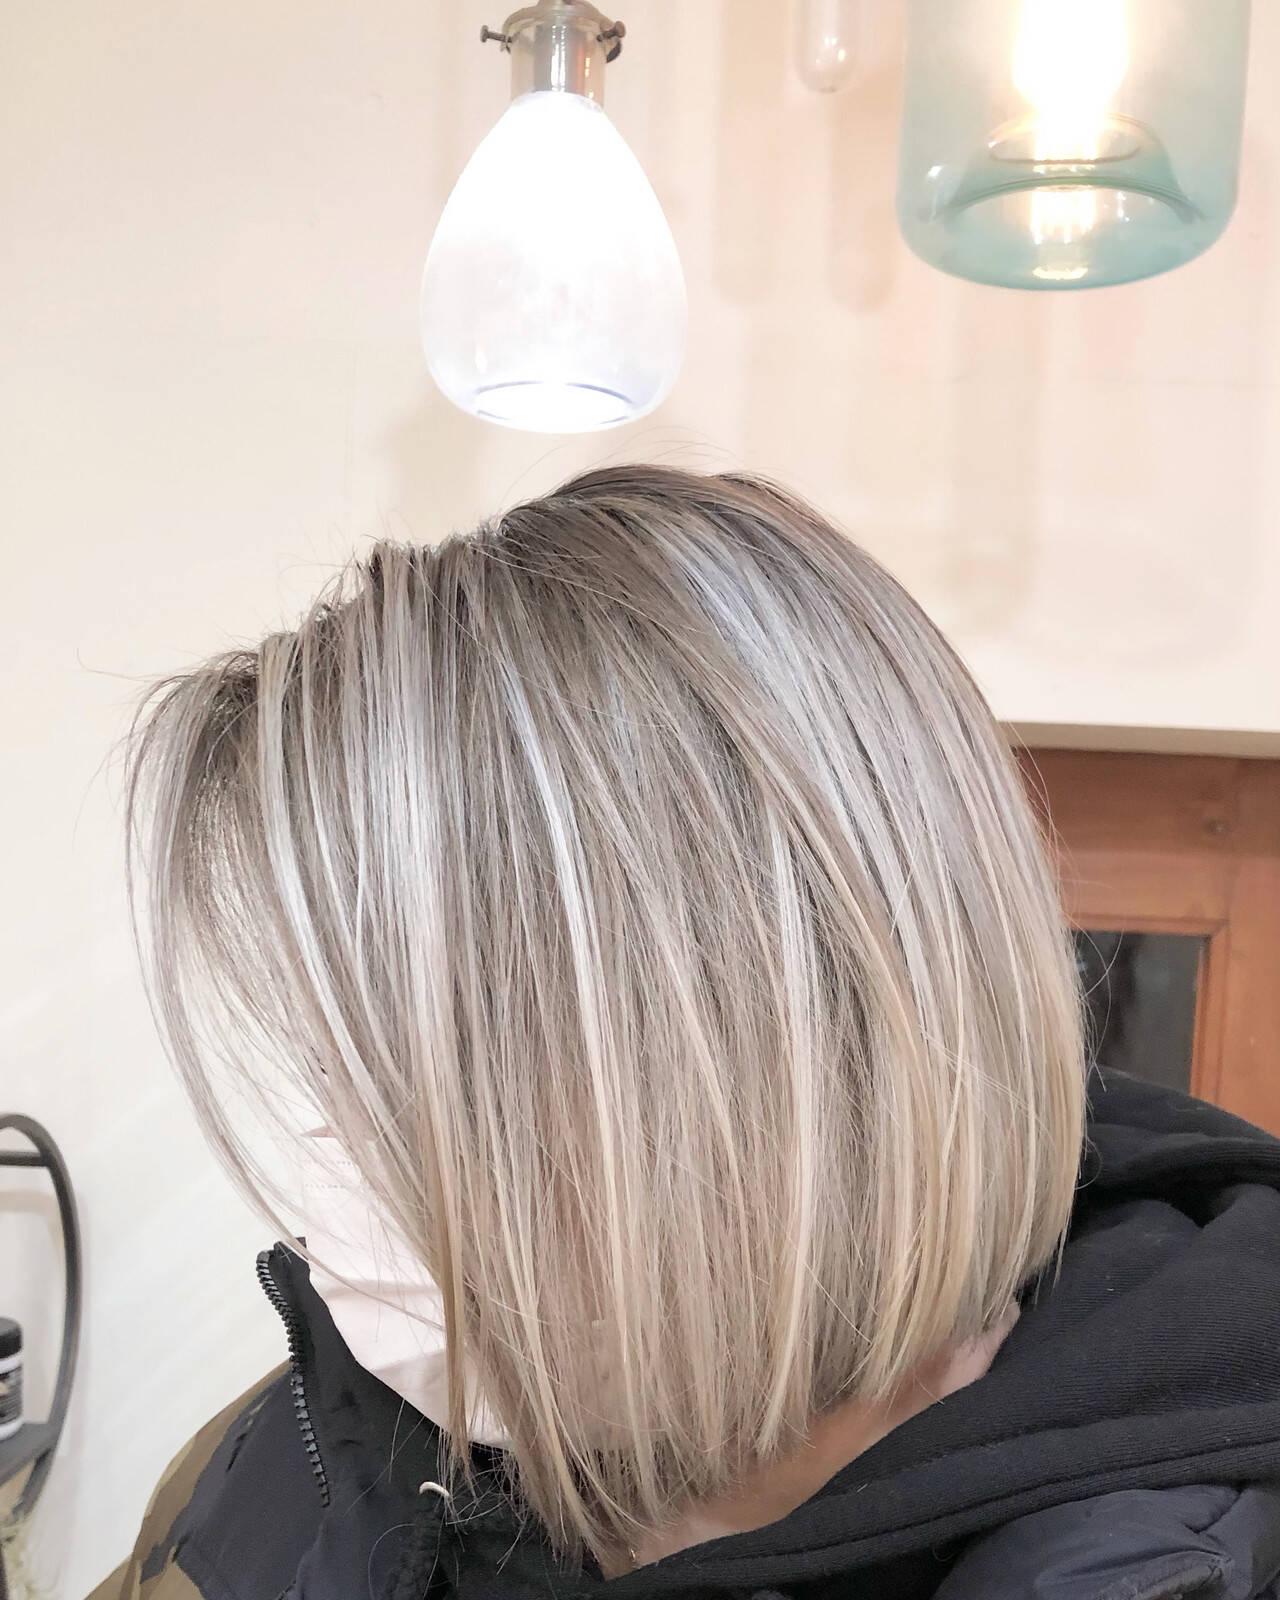 グラデーションカラー ハイライト ナチュラル ボブヘアスタイルや髪型の写真・画像